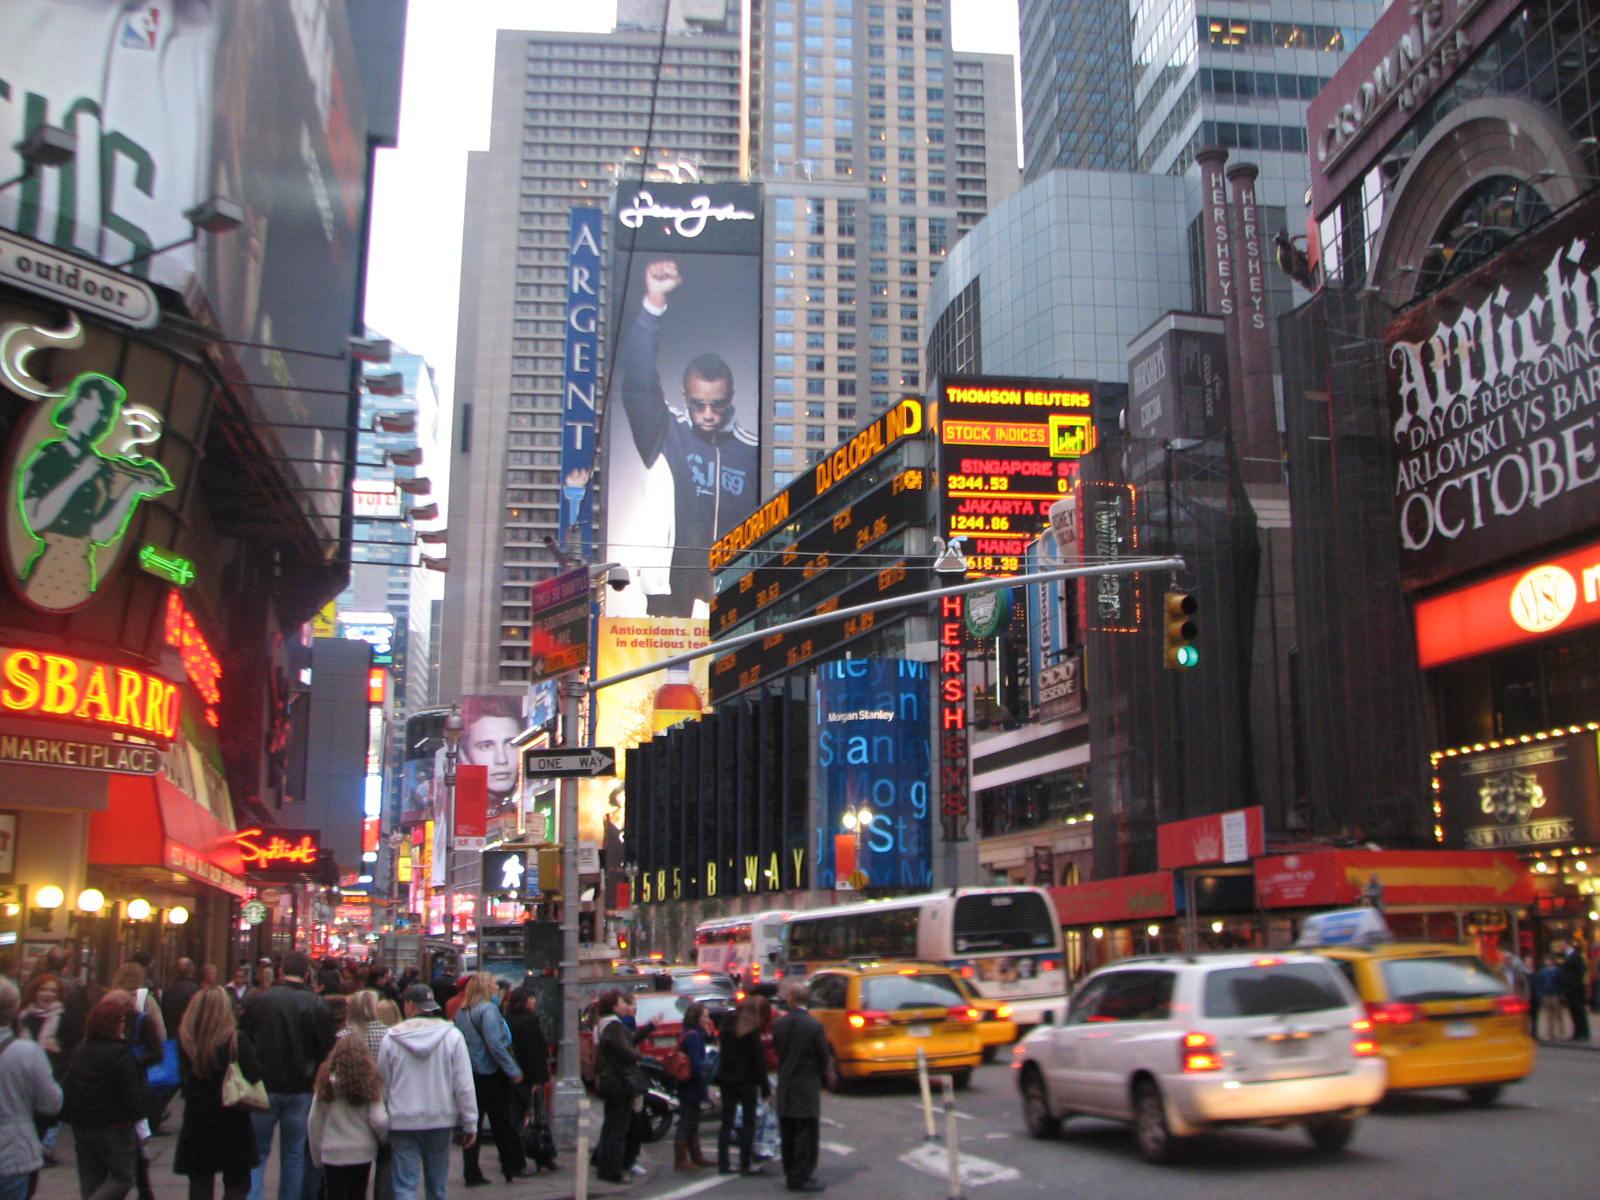 Compras en Estados Unidos - Turismo.org